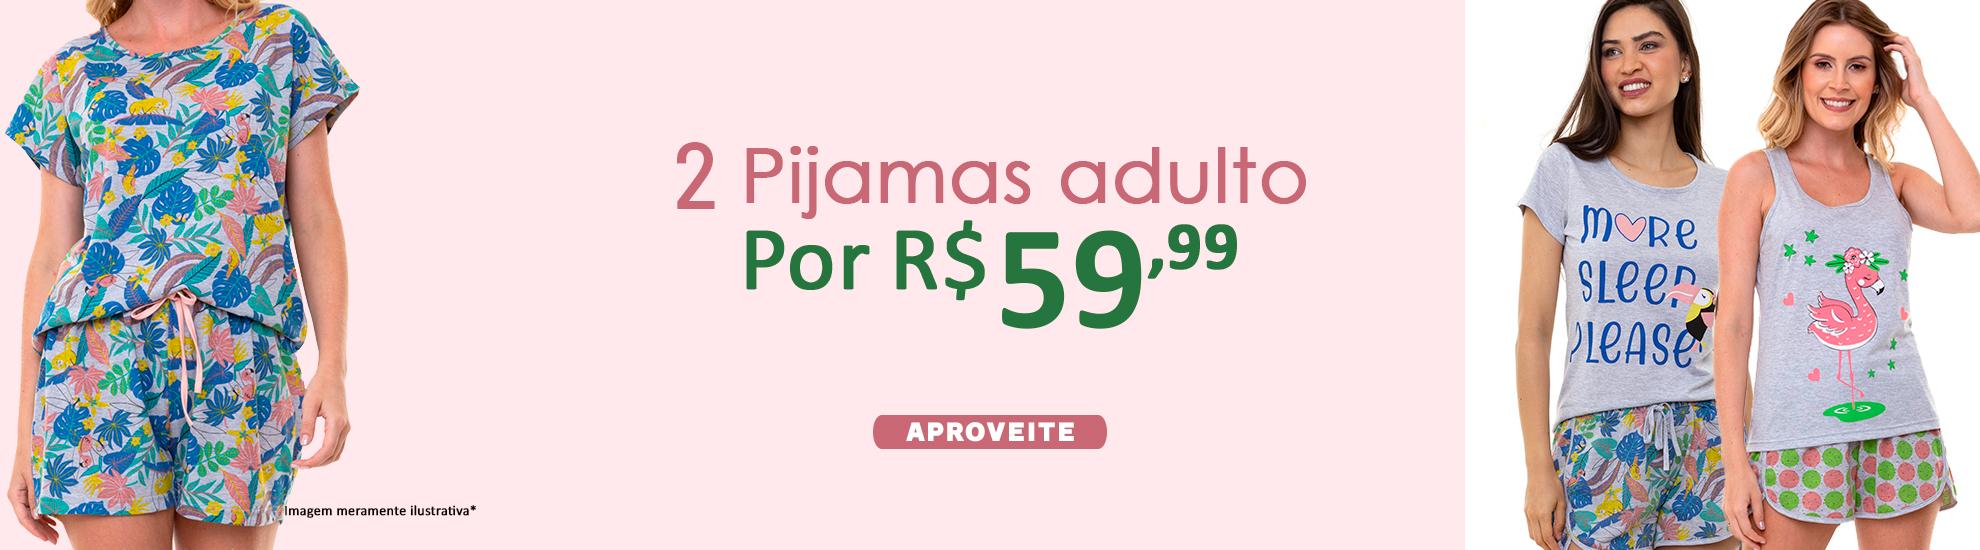 2 Pij. Adultos por R$ 59,99